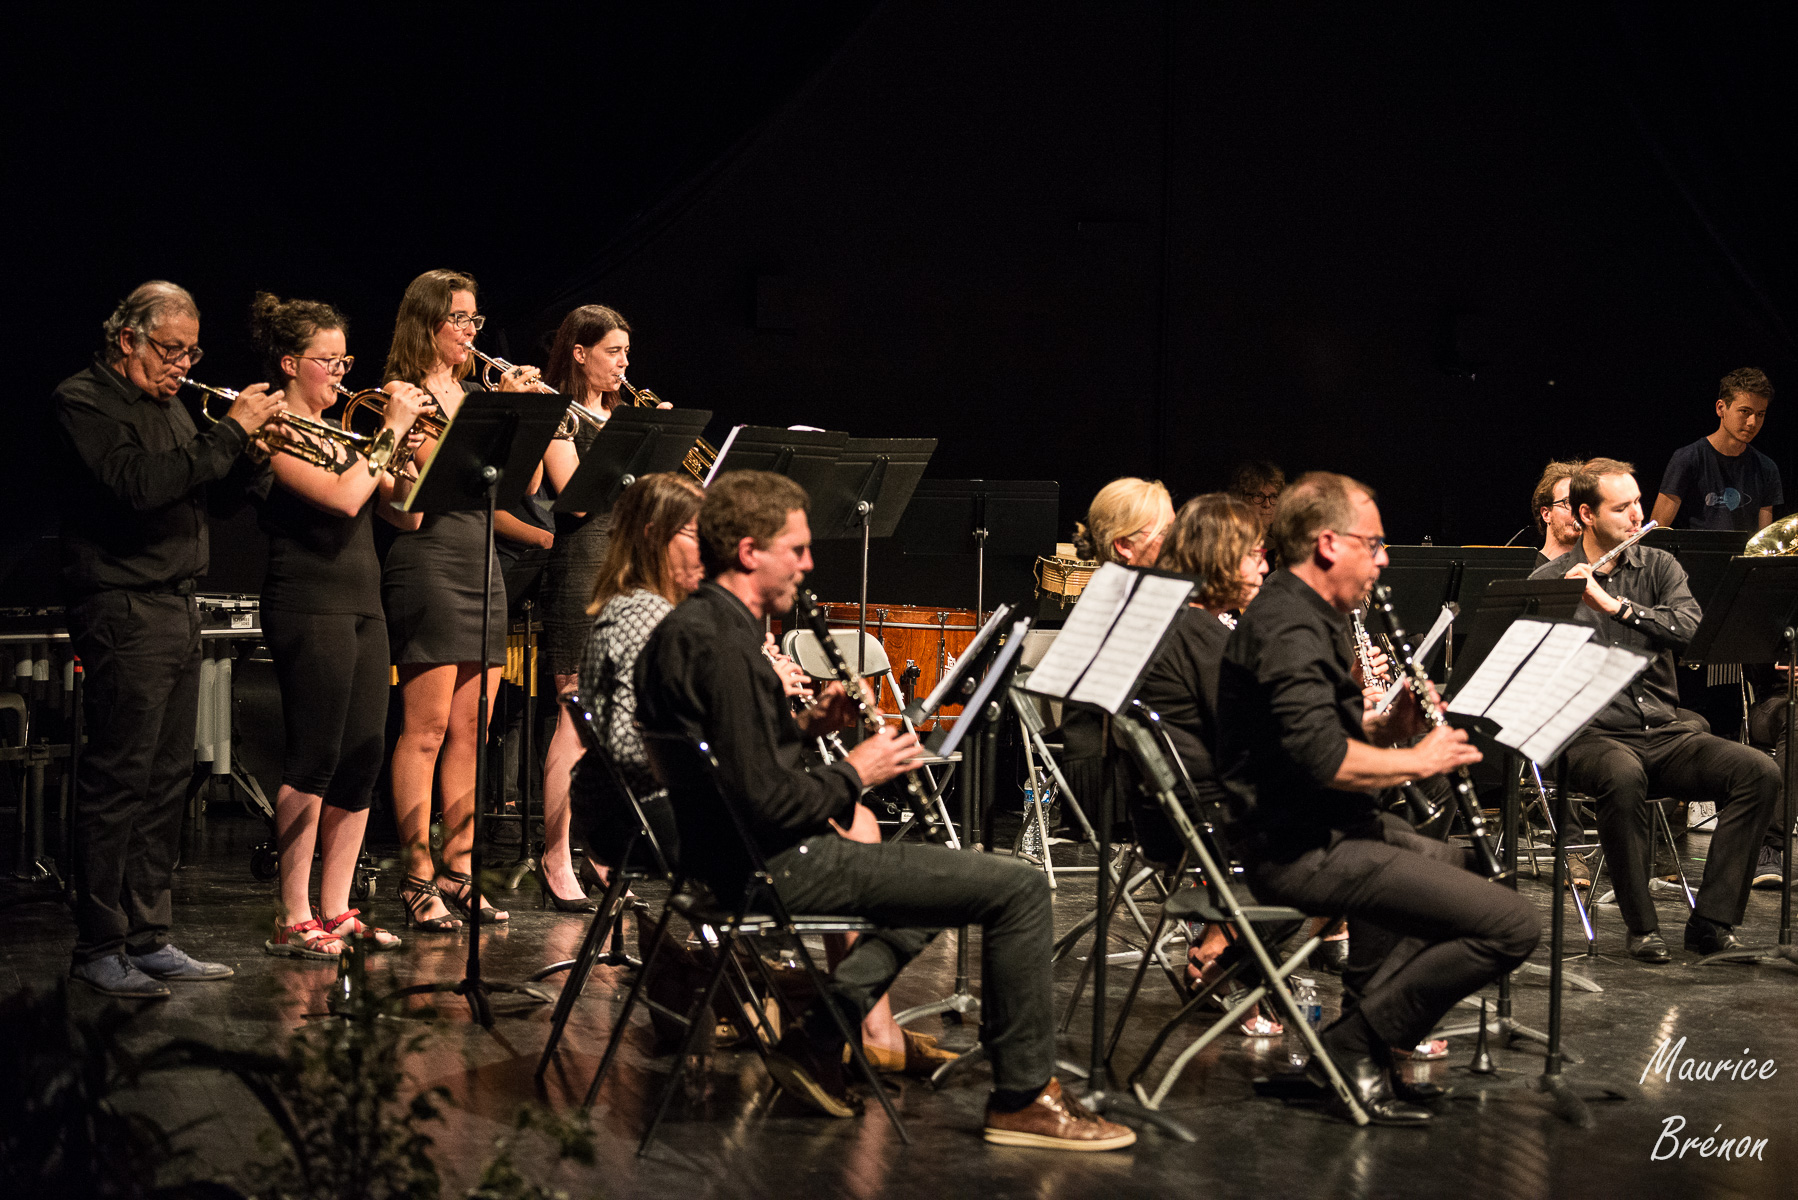 11_Concert Dardi-Prova_38_MB_DSC6608